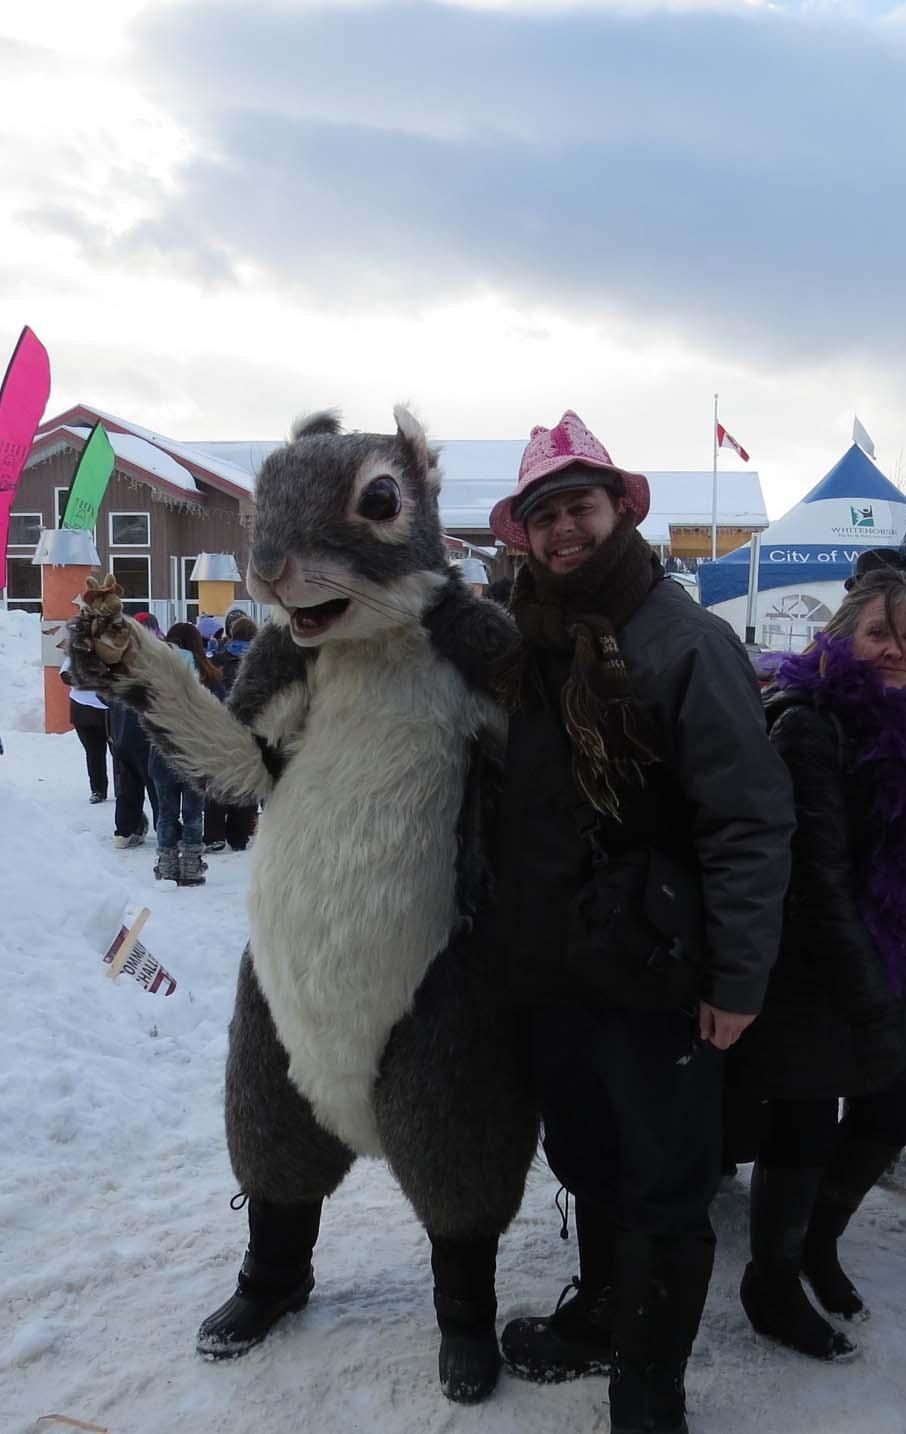 Squirel mascot redezvous festival